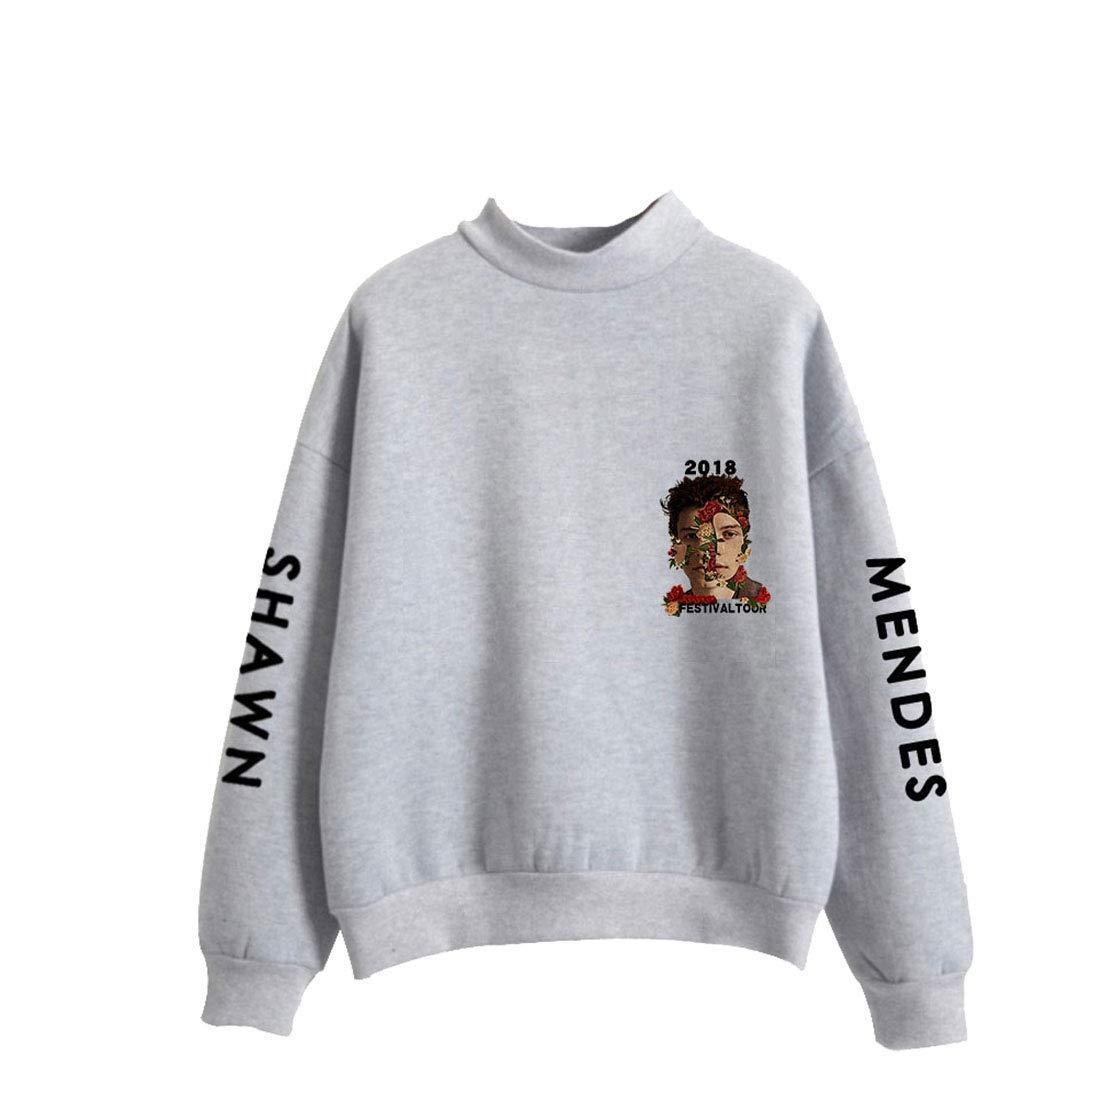 CTOOO Felpa con Collo Alto Shawn Mendes Abbigliamento Commemorativa Donna Uomo XXS-XXXL